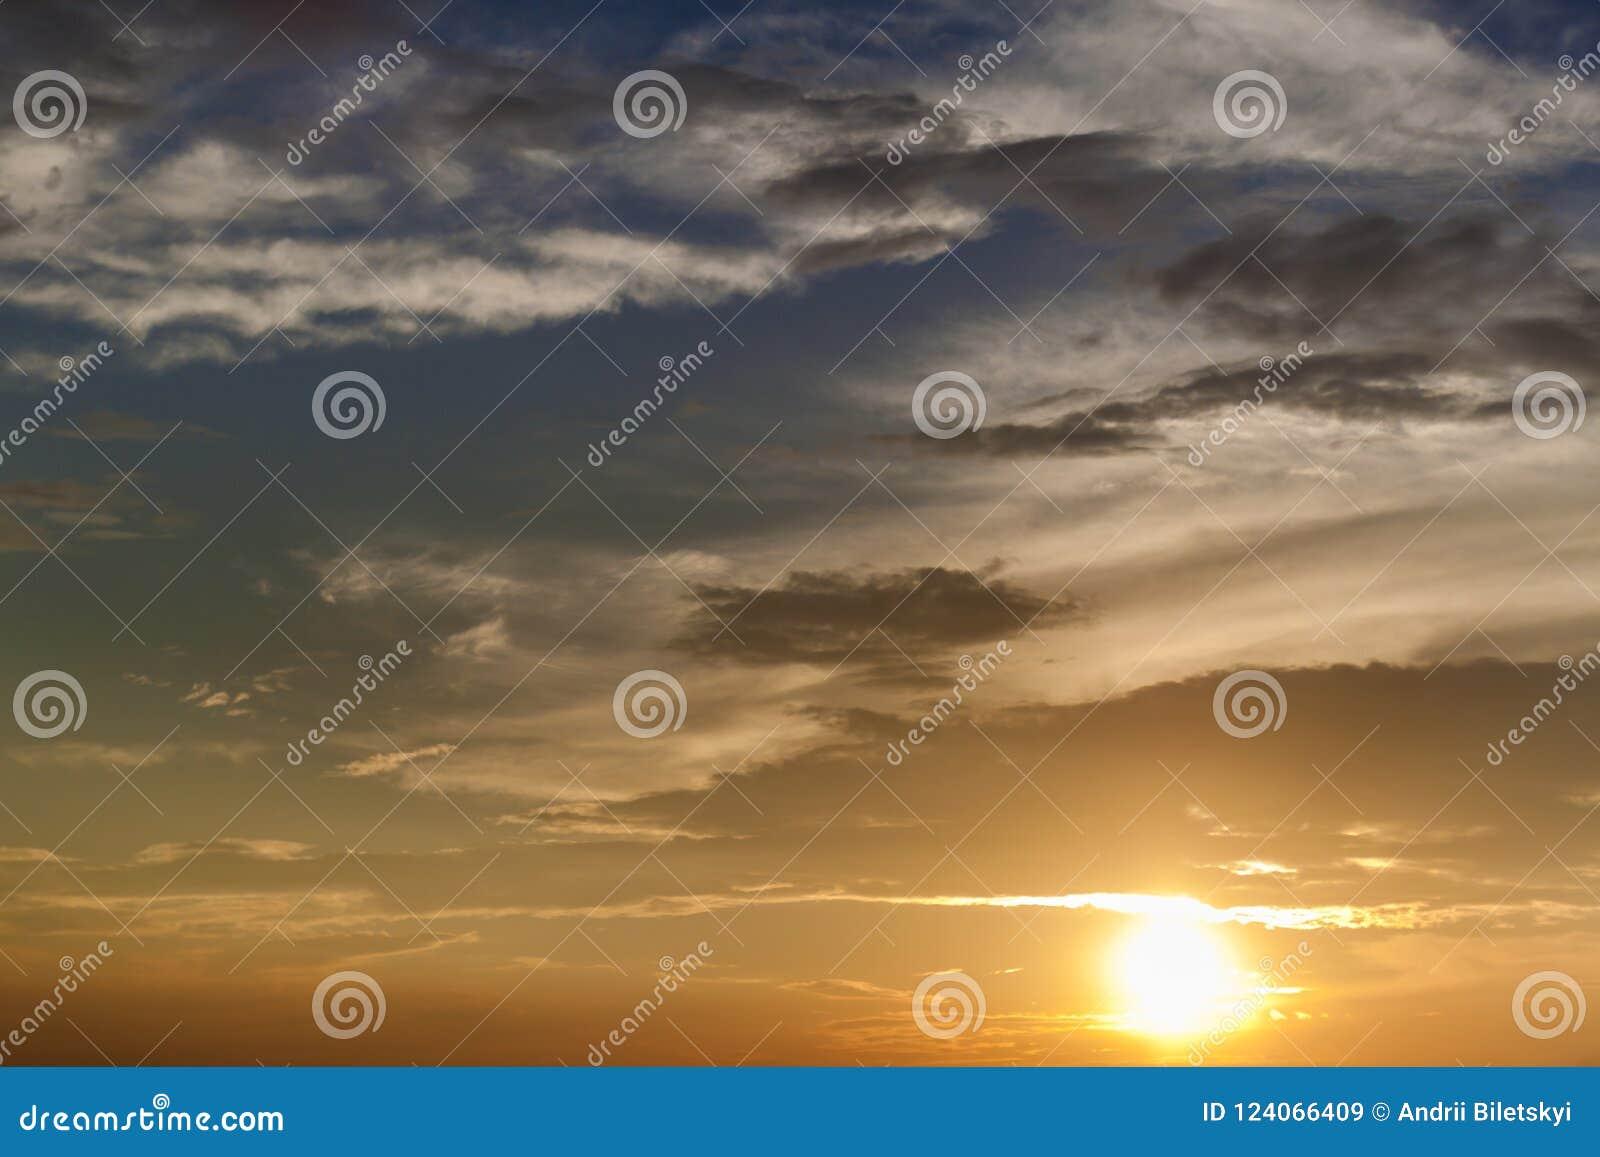 101fae8f79 Panorama de ciel au lever de soleil ou au coucher du soleil La belle vue  des nuages foncés, gris et blancs s'est allumée par le soleil lumineux de  jaune ...